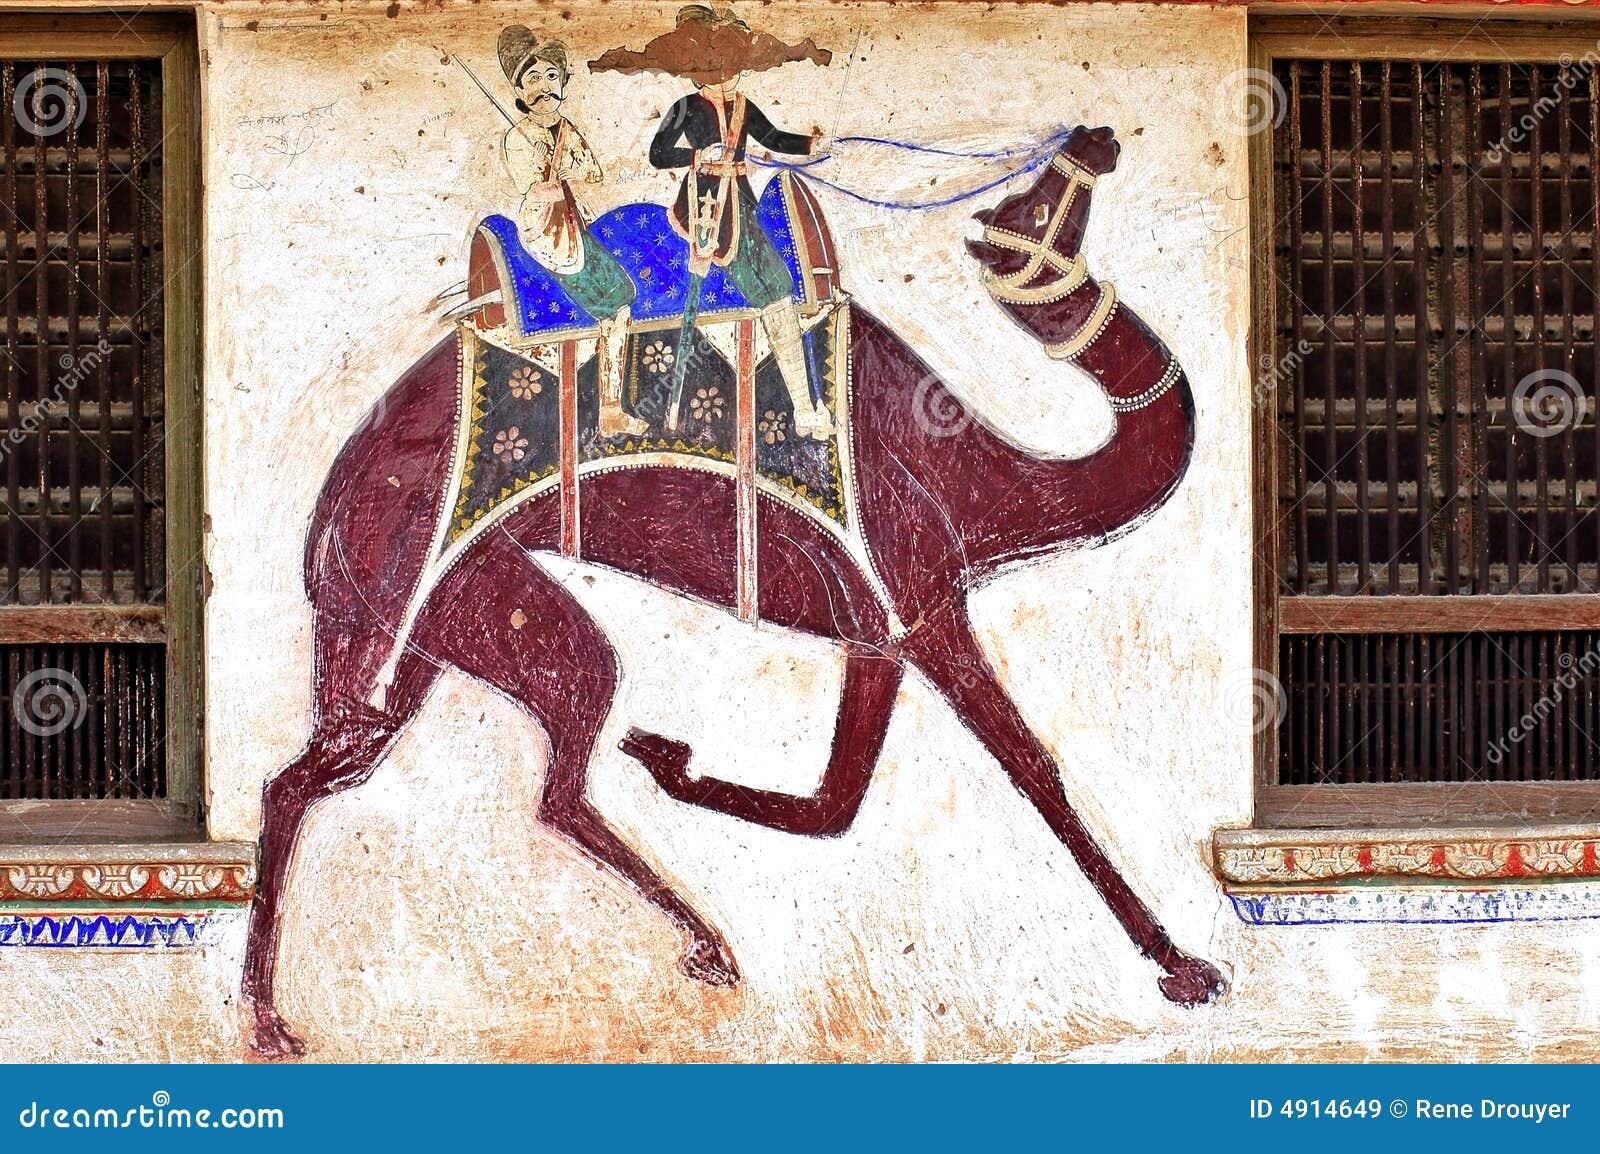 Mandawa India  city photos : India, Mandawa: Colourful Frescoes Royalty Free Stock Images Image ...